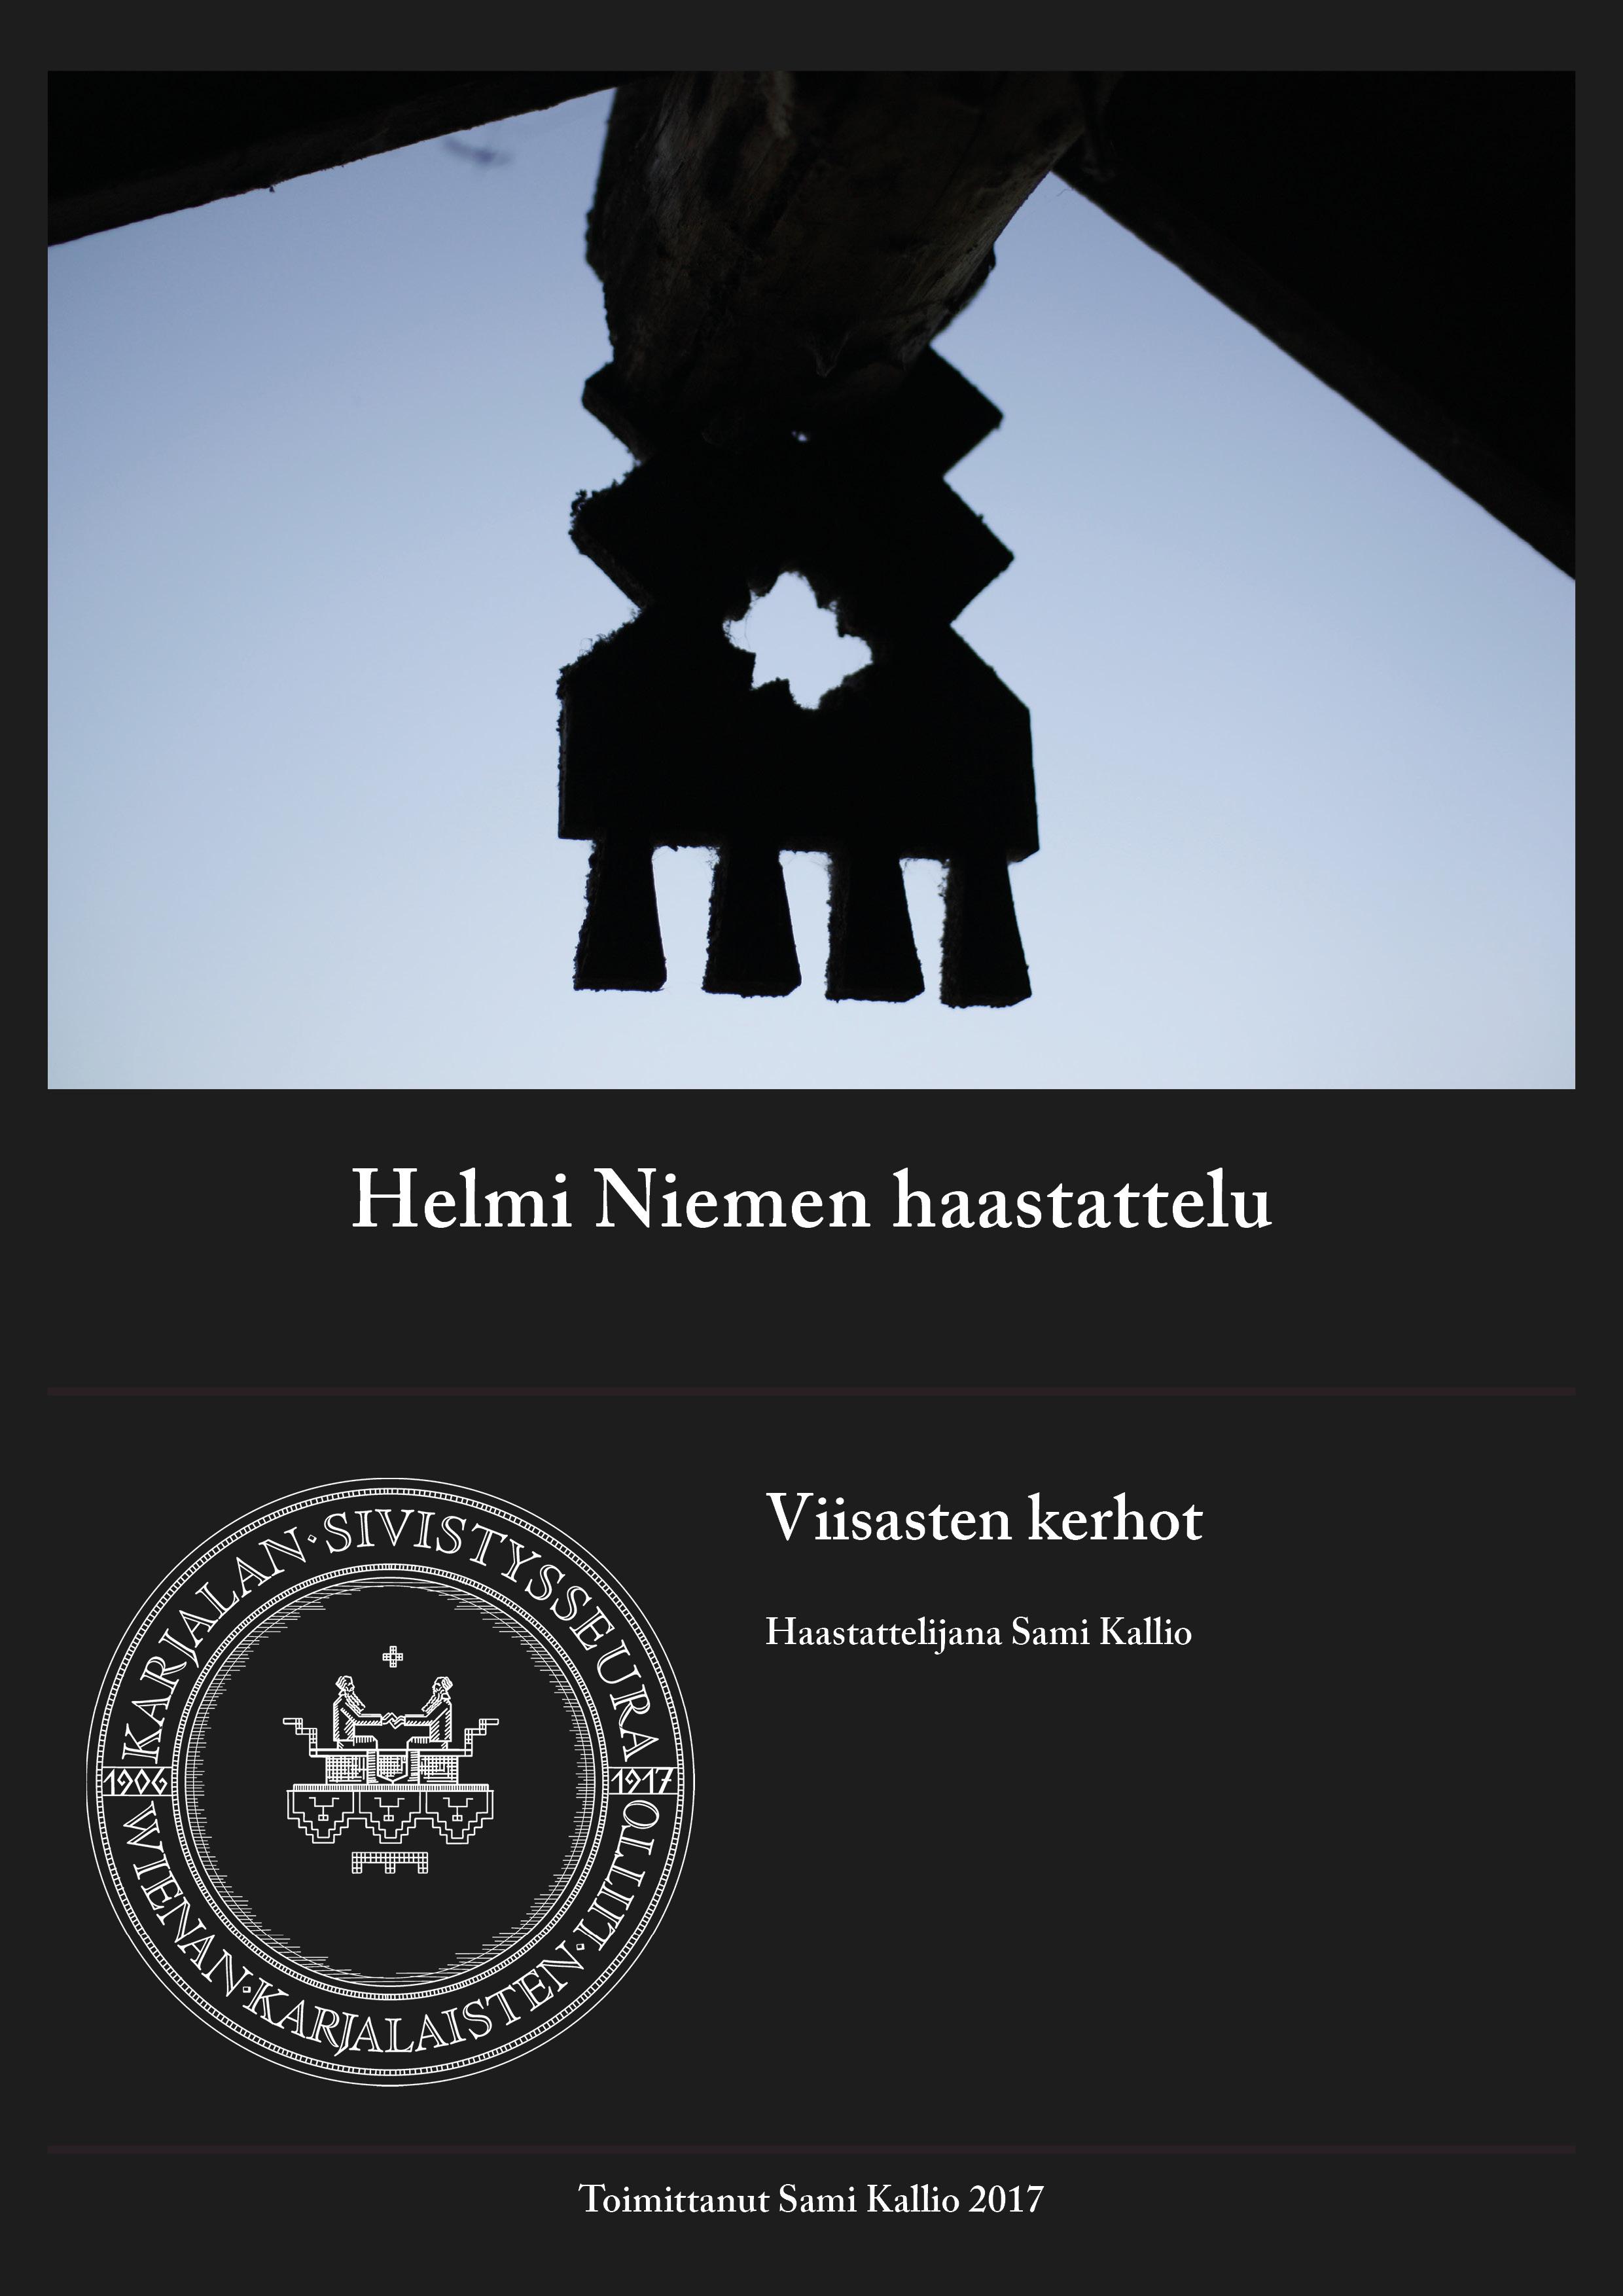 vk-helsinki-081014